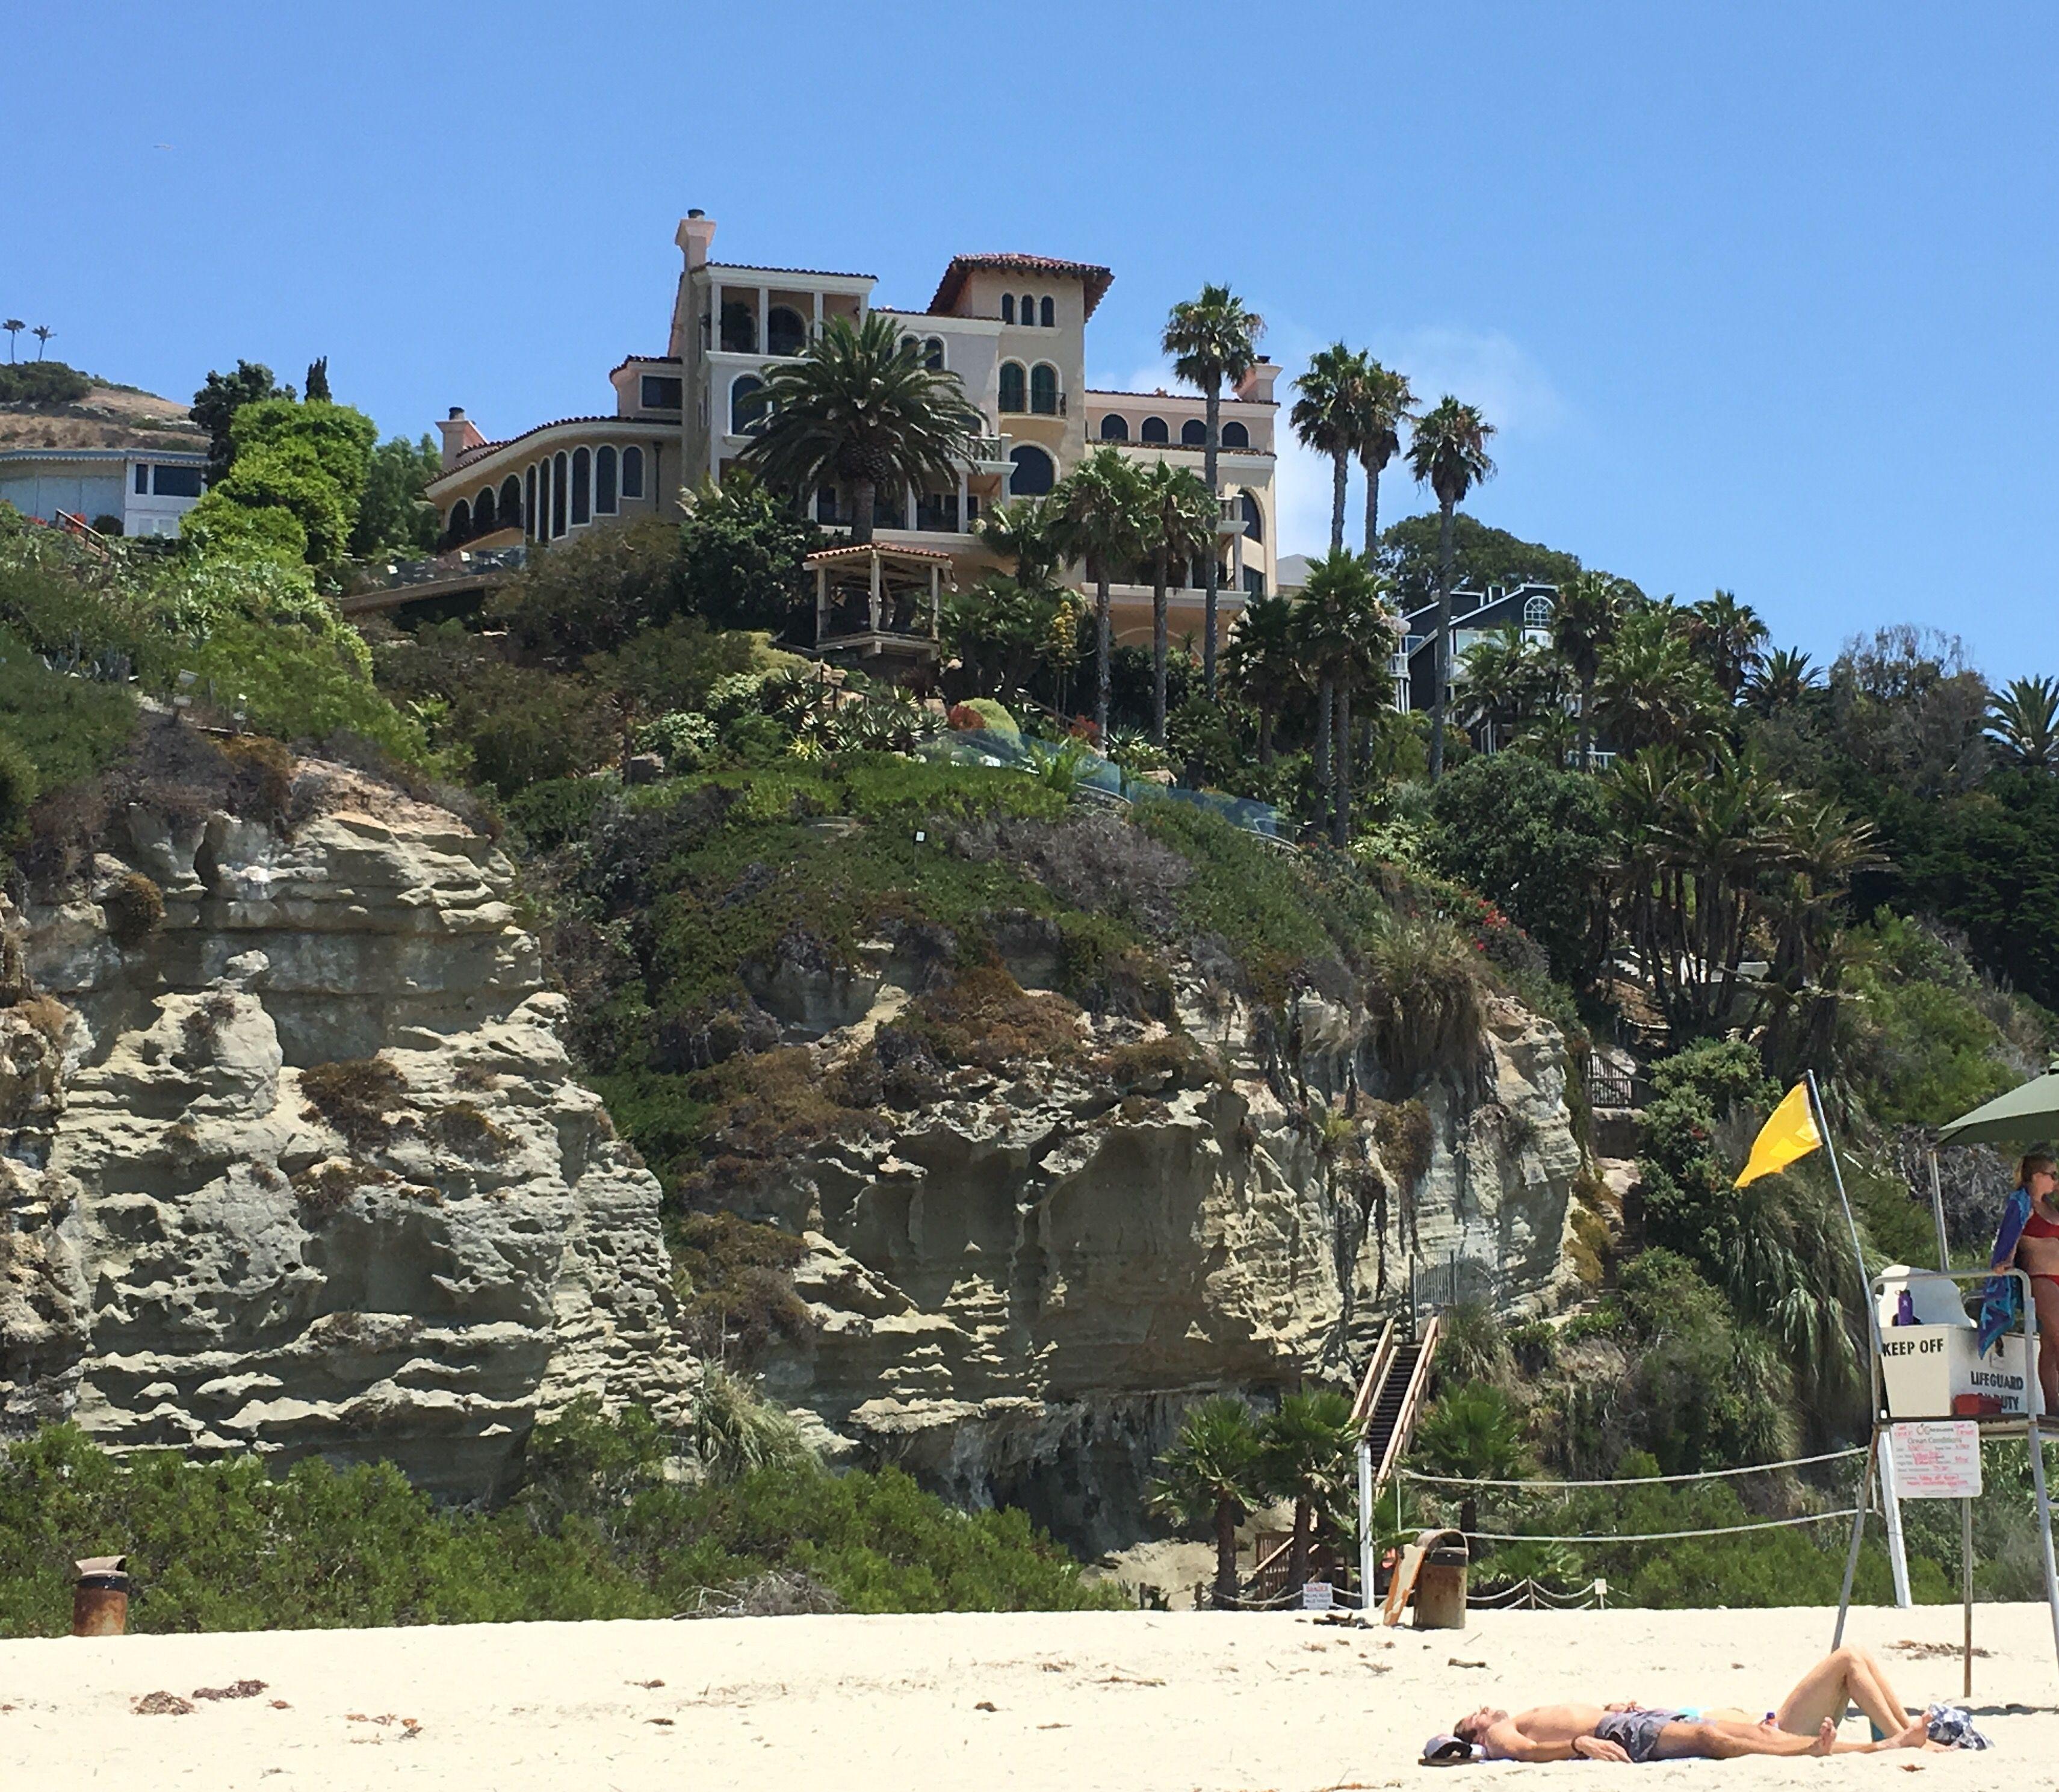 1 000 Steps Beach Villa Serenita Laguna Beach Island Life